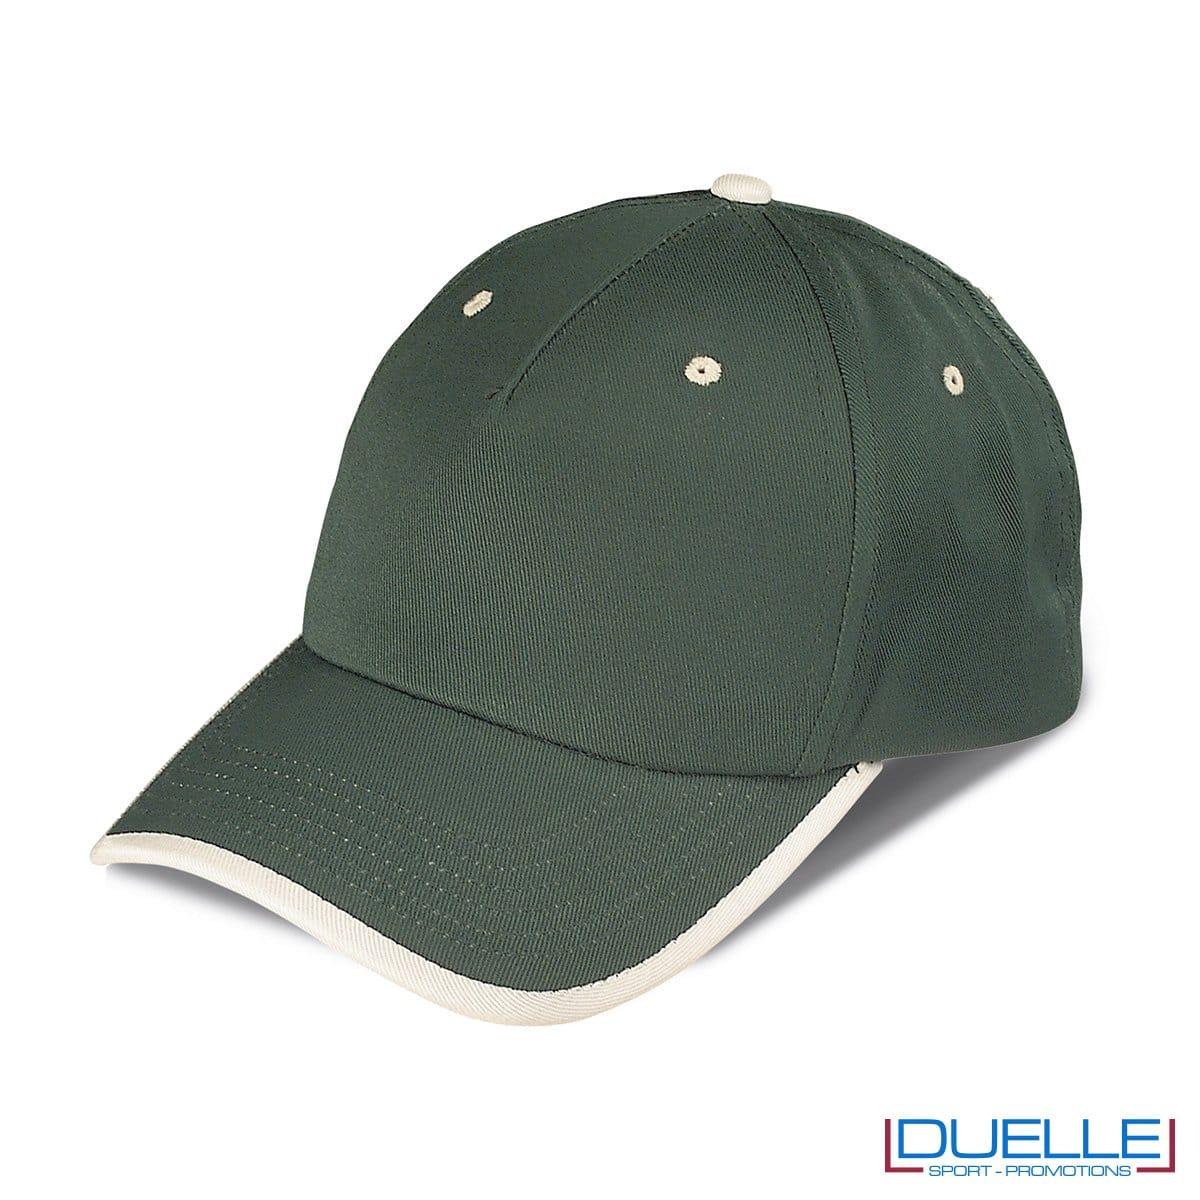 cappellino personalizzato a 5 pannelli con orlo a contrasto, colore verde